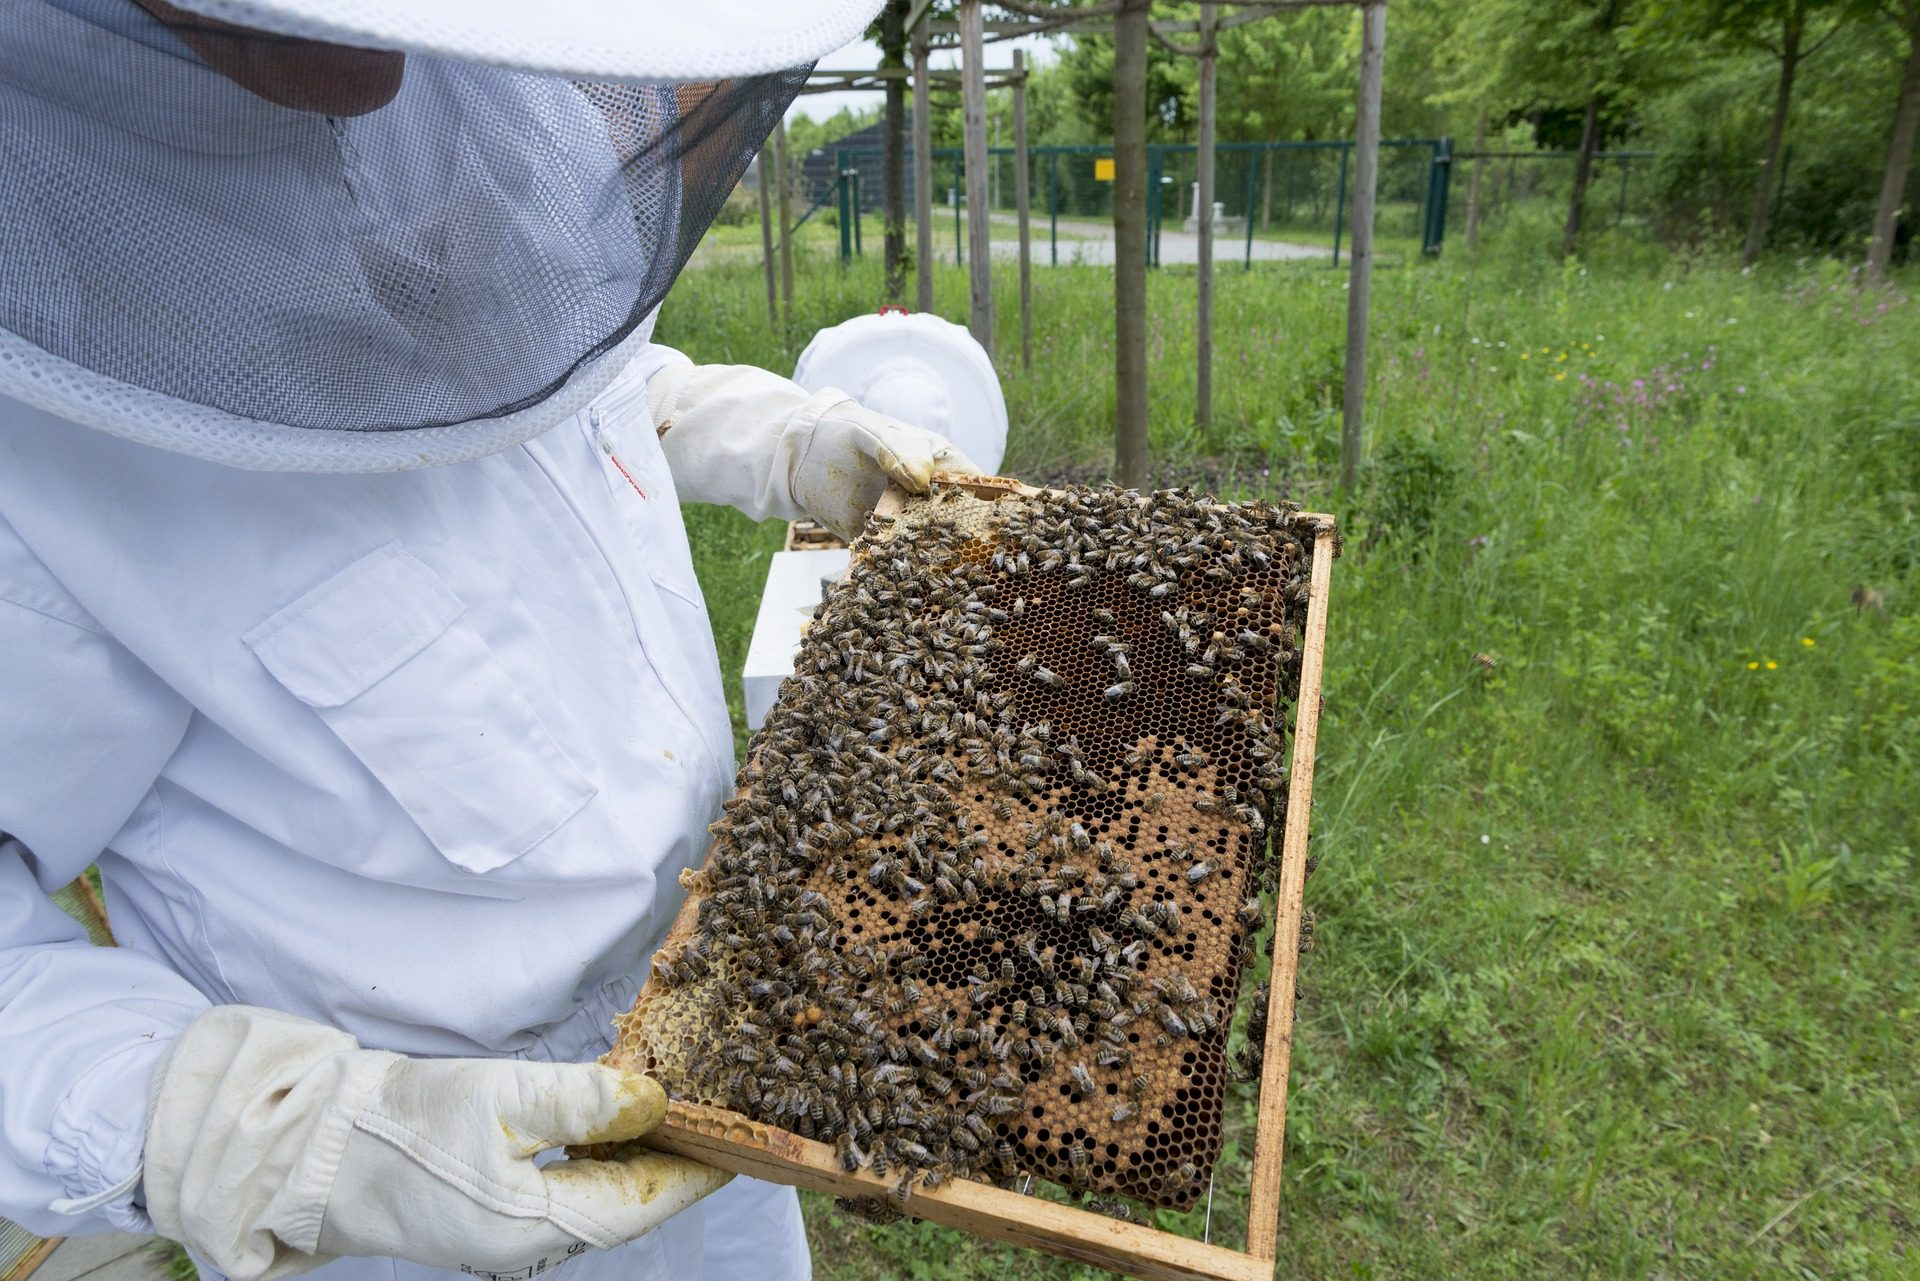 कक्ष, मधुमक्खियों, beekeeper, शहद, हाइव - HD वॉलपेपर - प्रोफेसर-falken.com